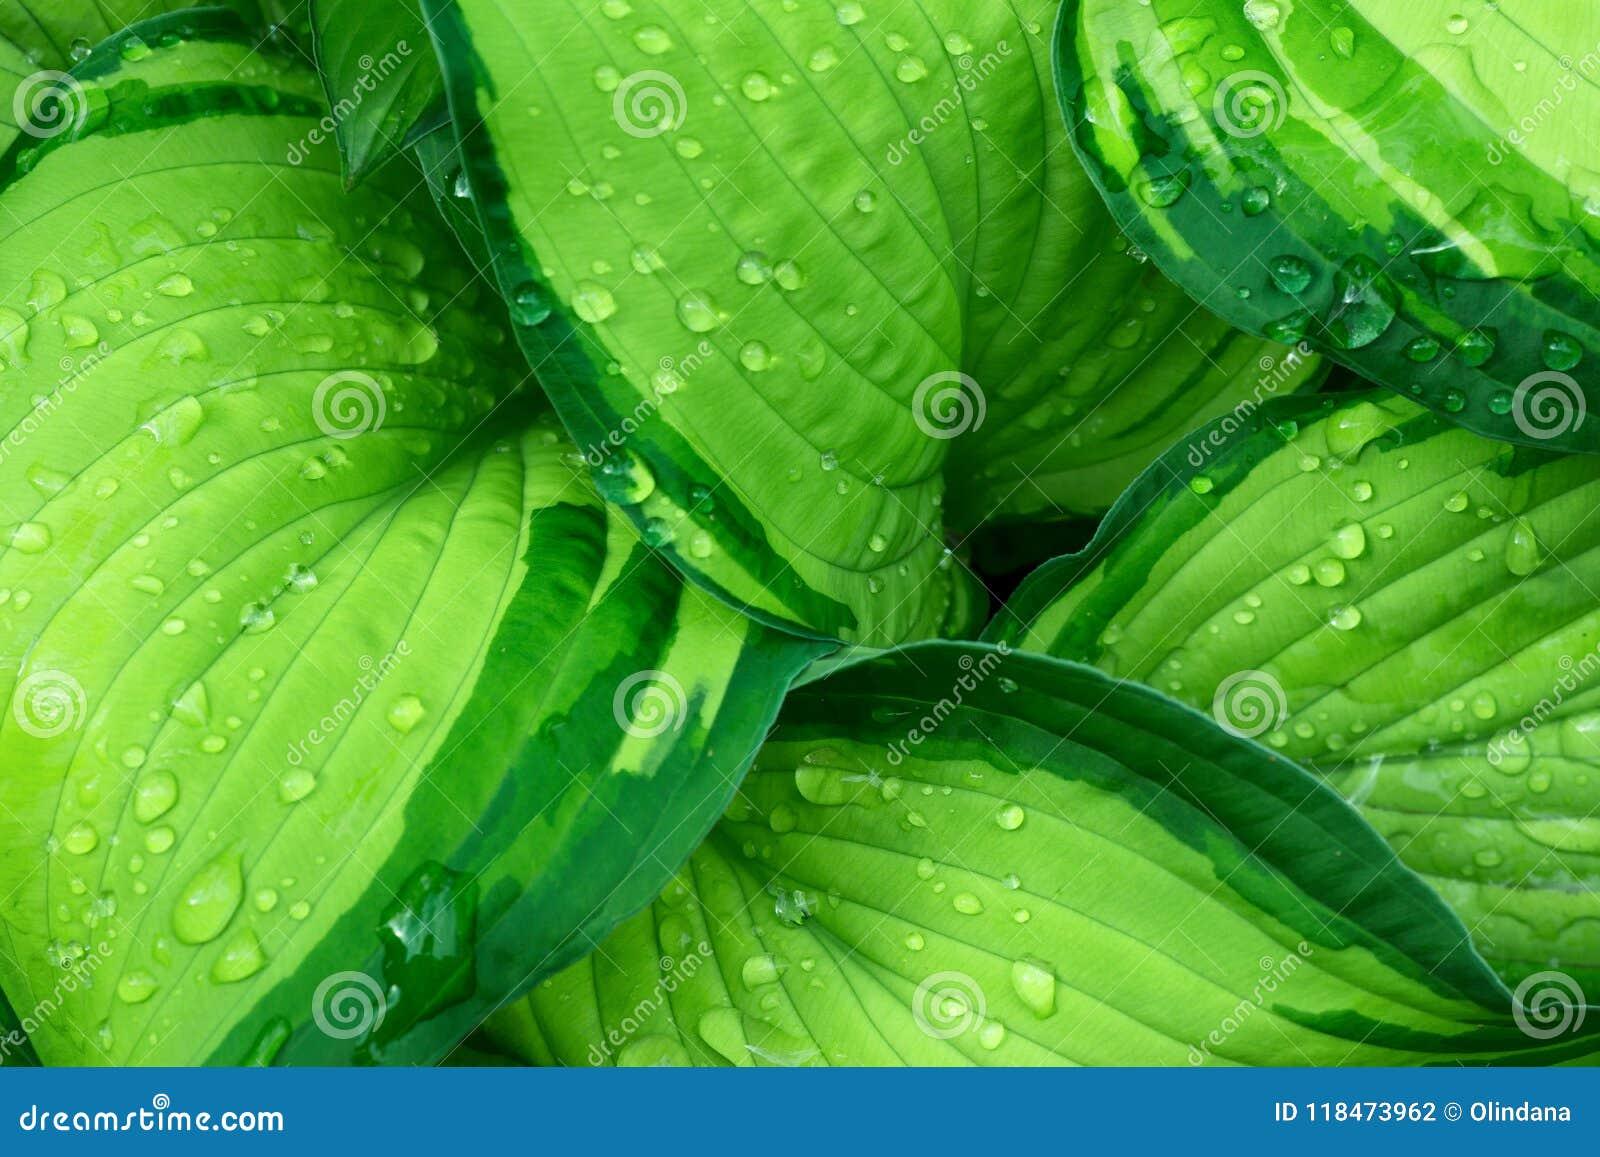 在雨以后的新鲜的绿色玉簪属植物厂叶子与水下落 植物的叶子自然背景 墙纸海报模板